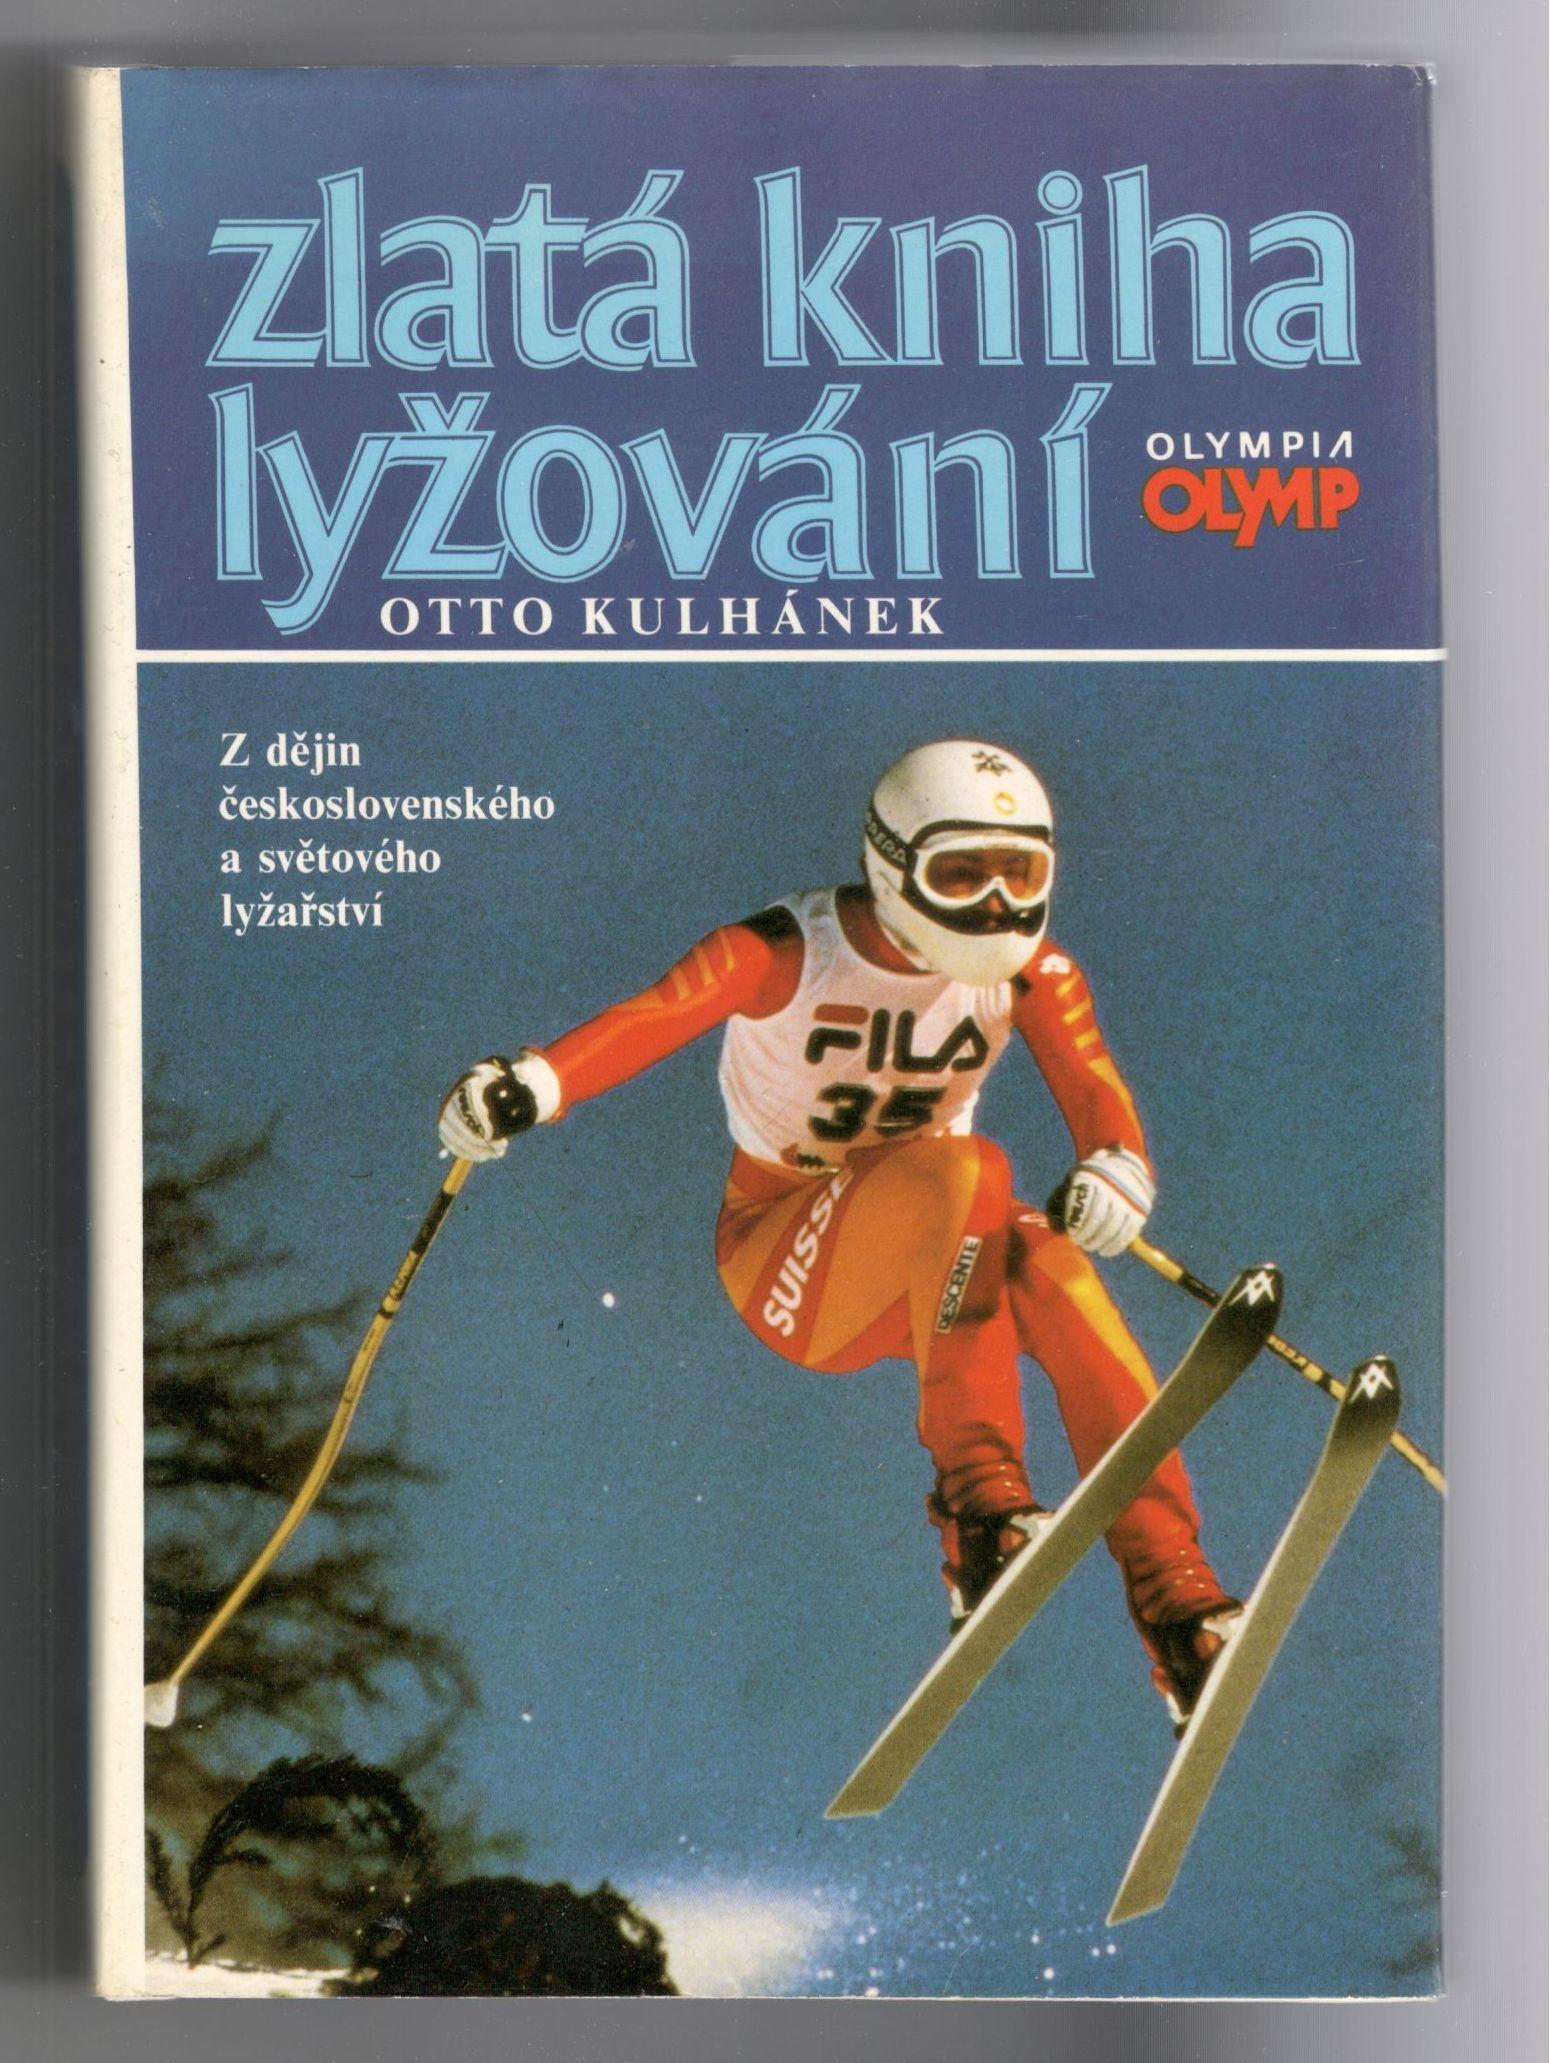 Zlatá kniha lyžování - Otto Kulhánek